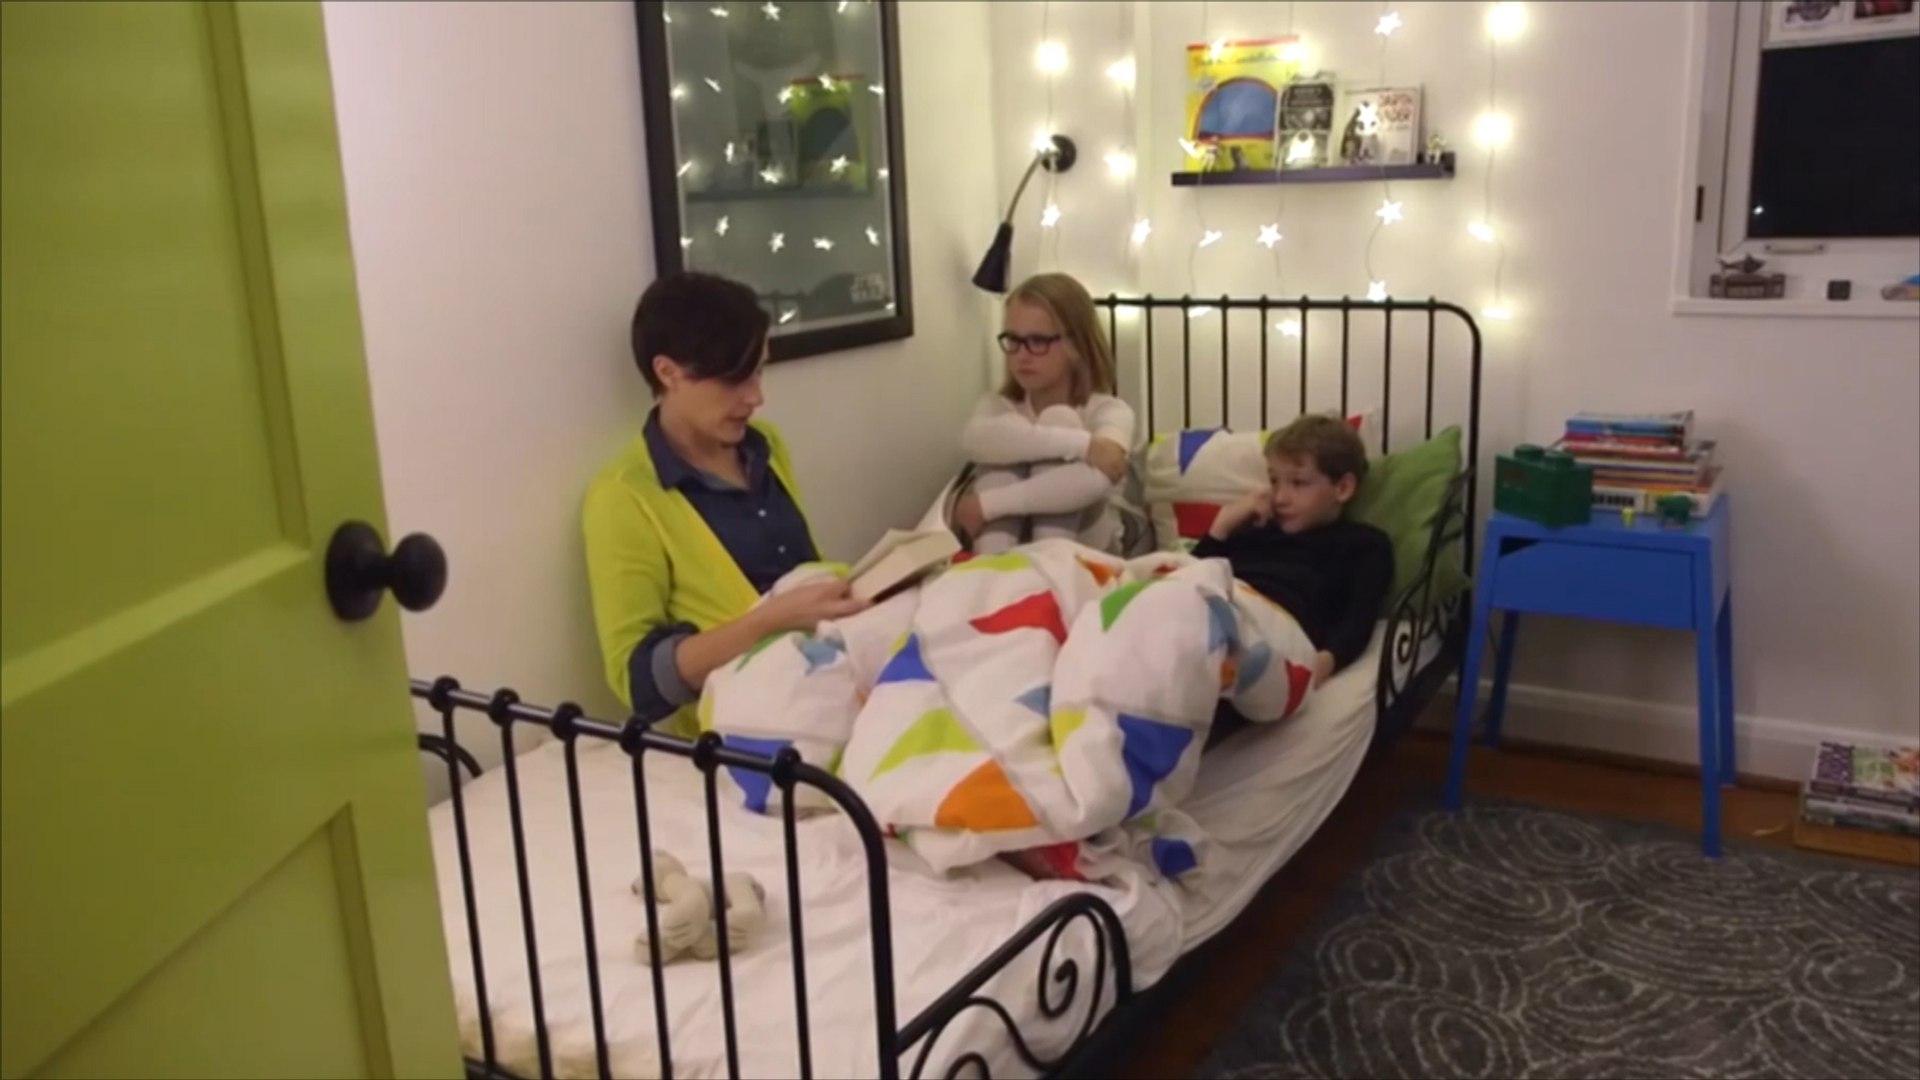 هذا الصباح-دراسة: قصص ما قبل النوم تنمي مهارات الأطفال